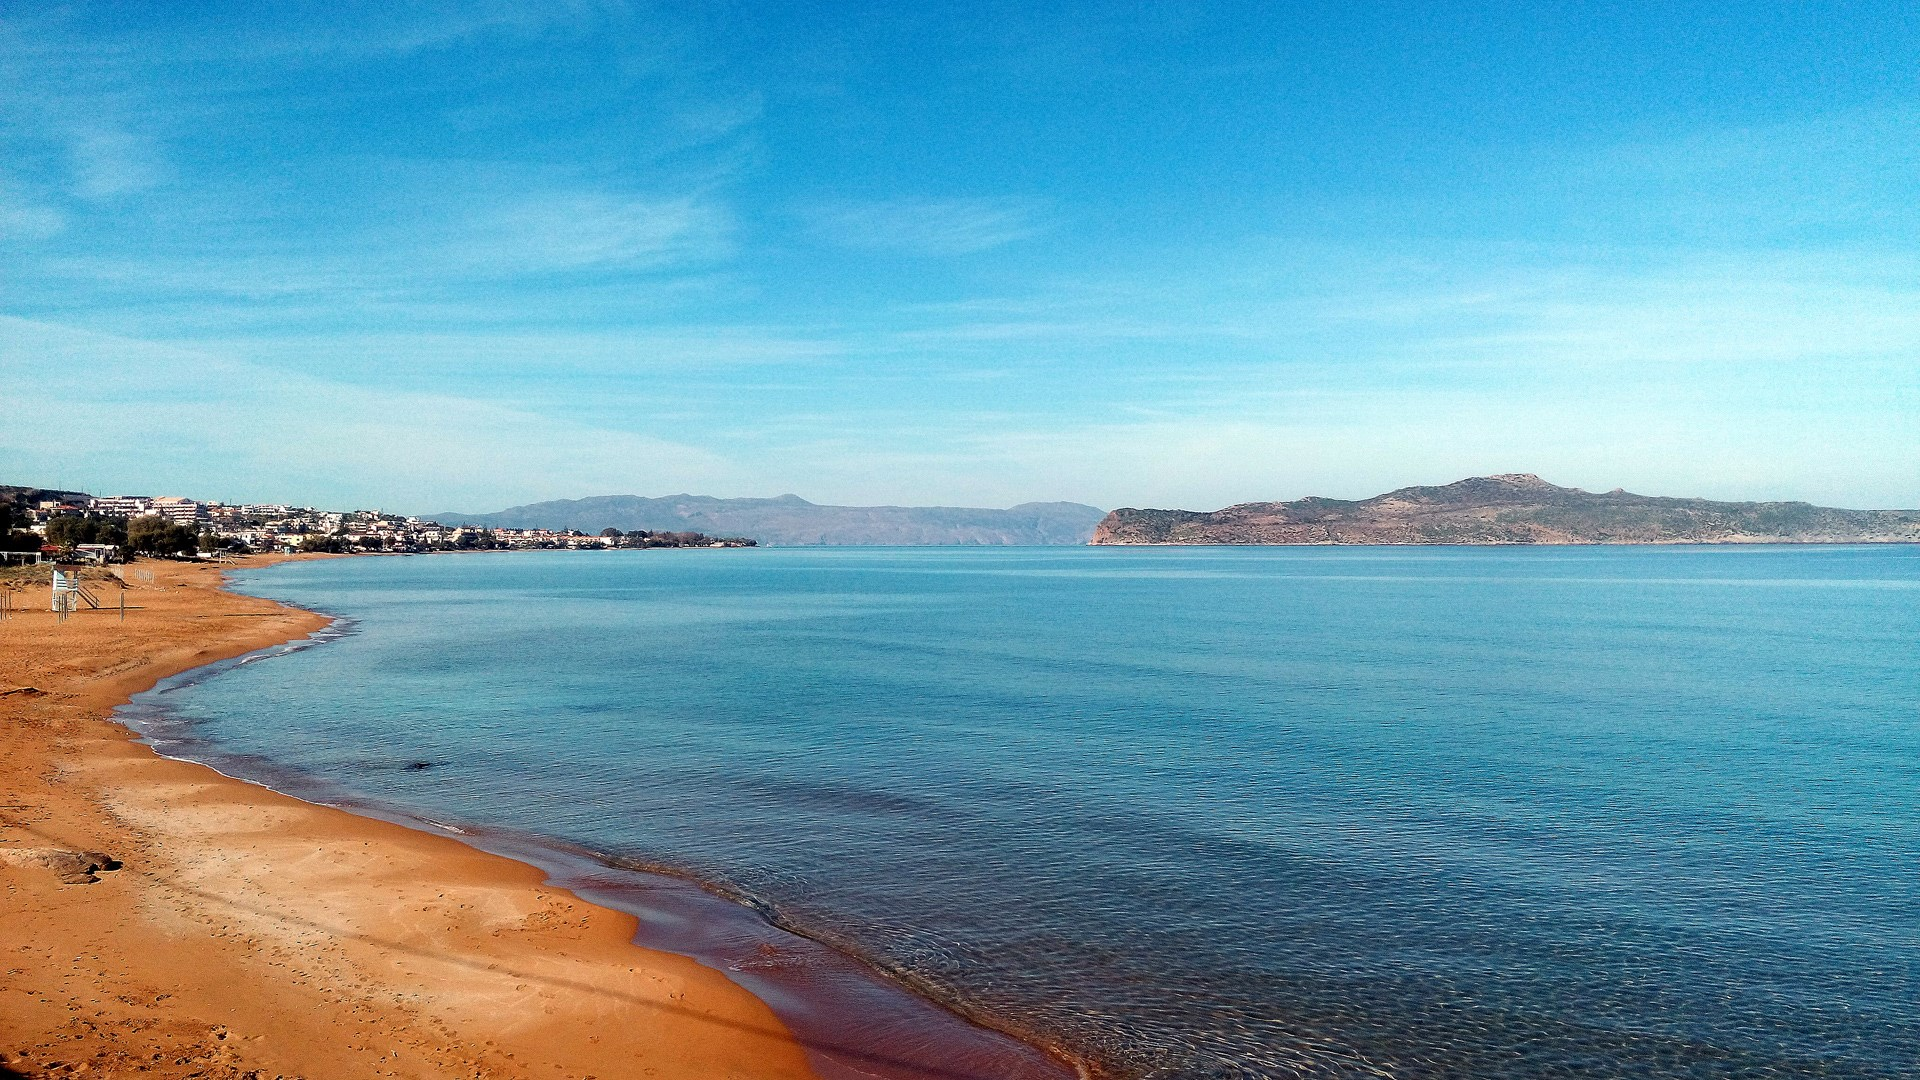 Stalos Beach, Chania - Crete   18 Nov 2014   Alargo